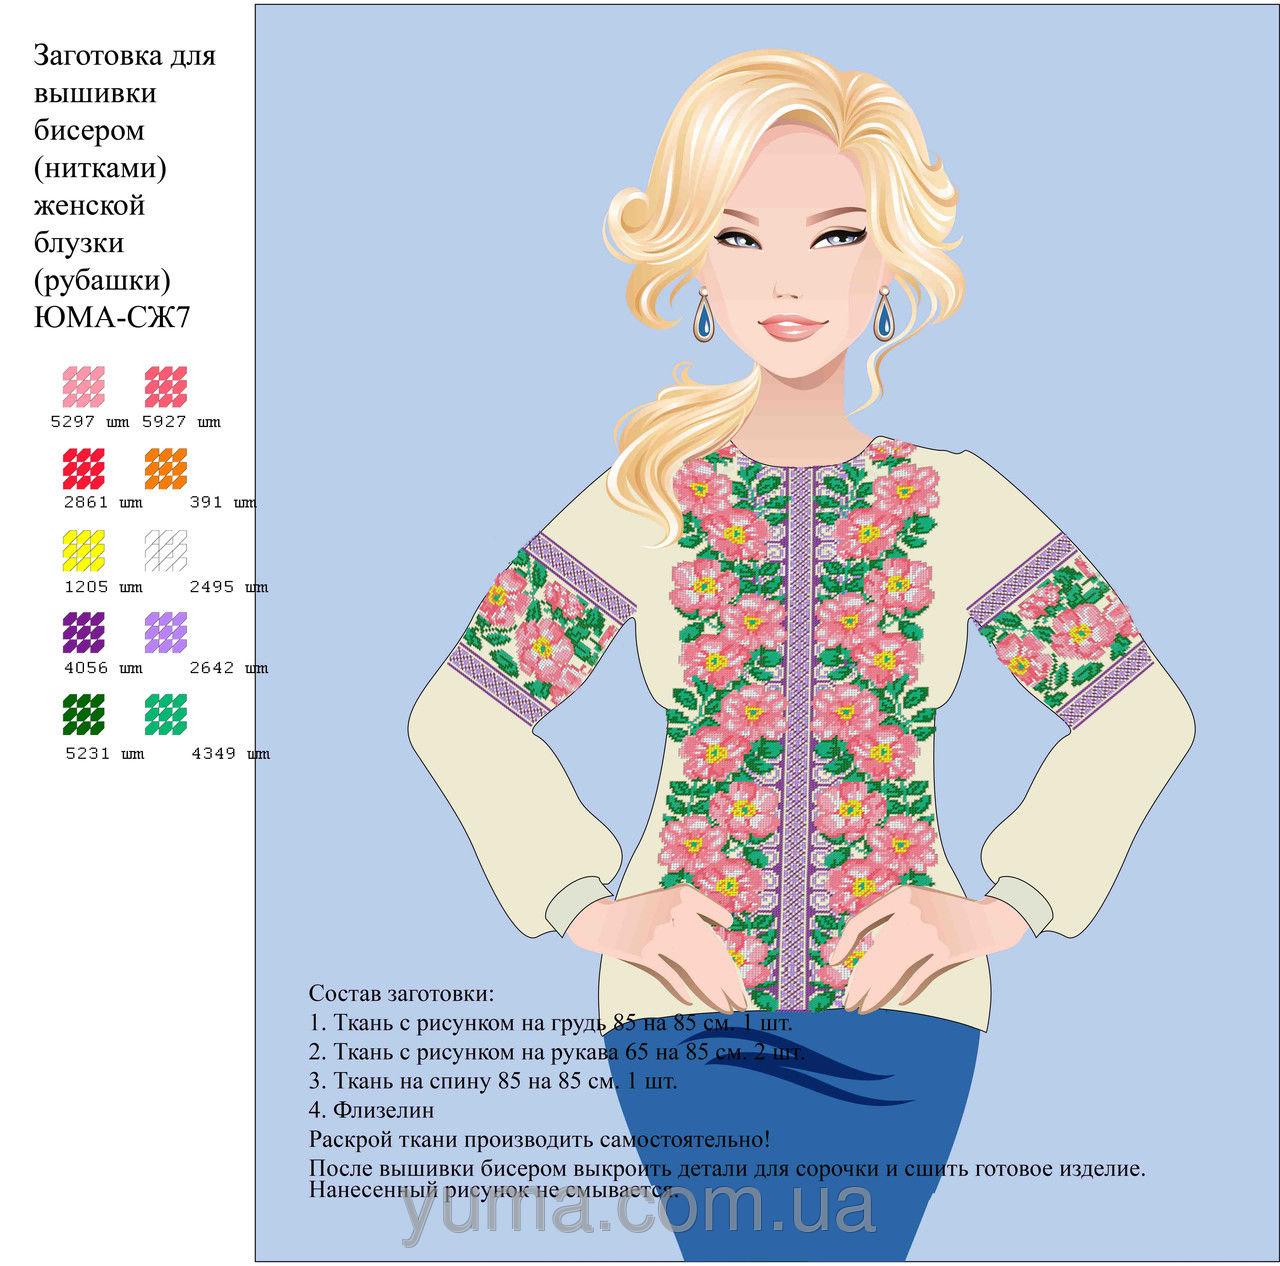 Заготовка рубашек для вышивки